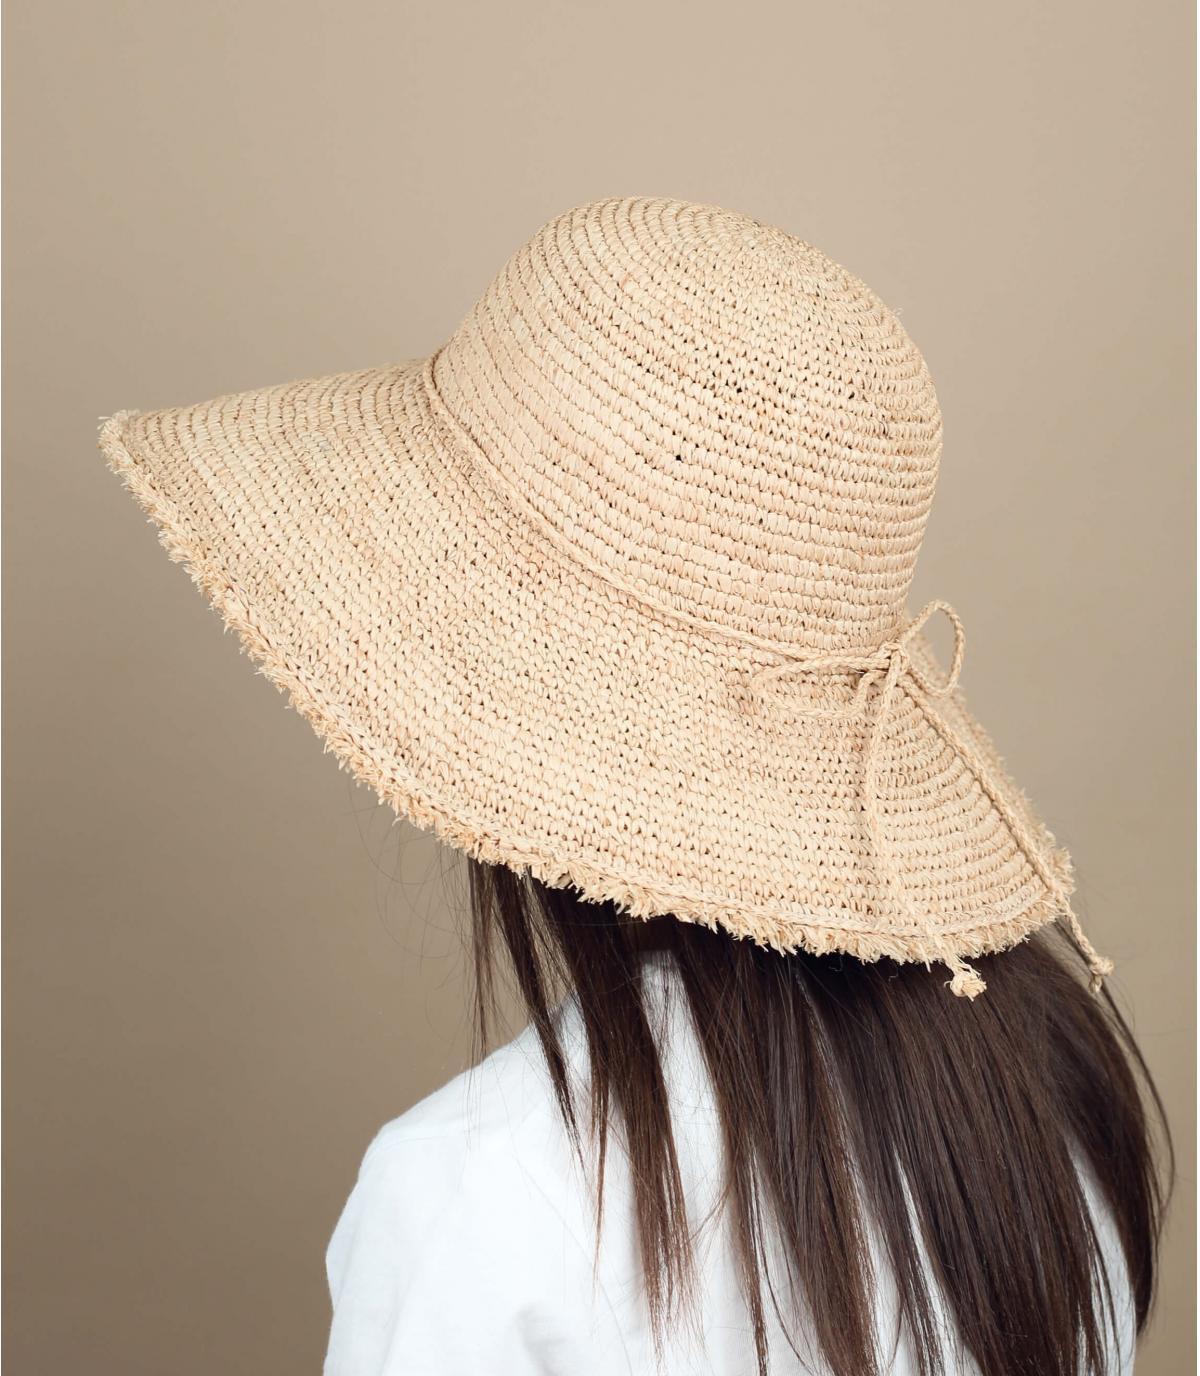 cappellino paglia sfrangiato